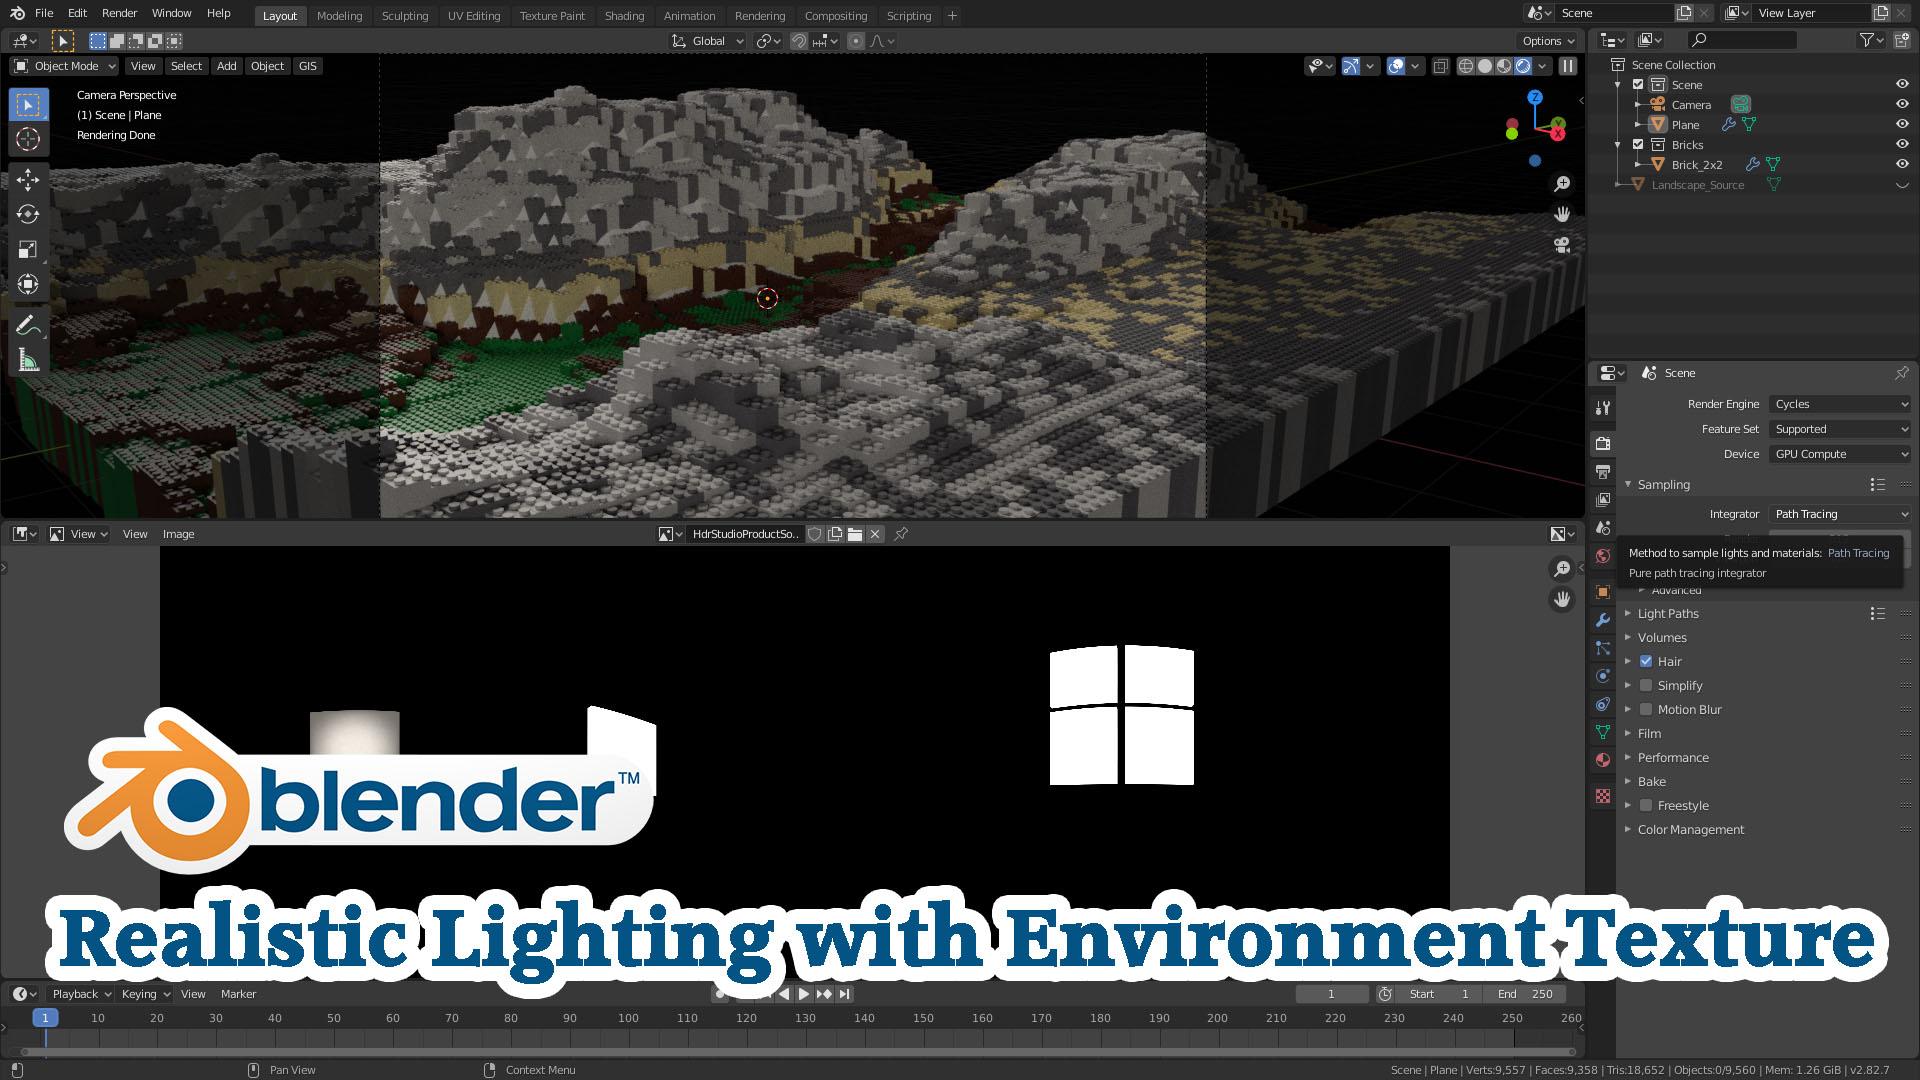 http://www.brickshelf.com/gallery/Peiler/Making-Of/05_light.jpg